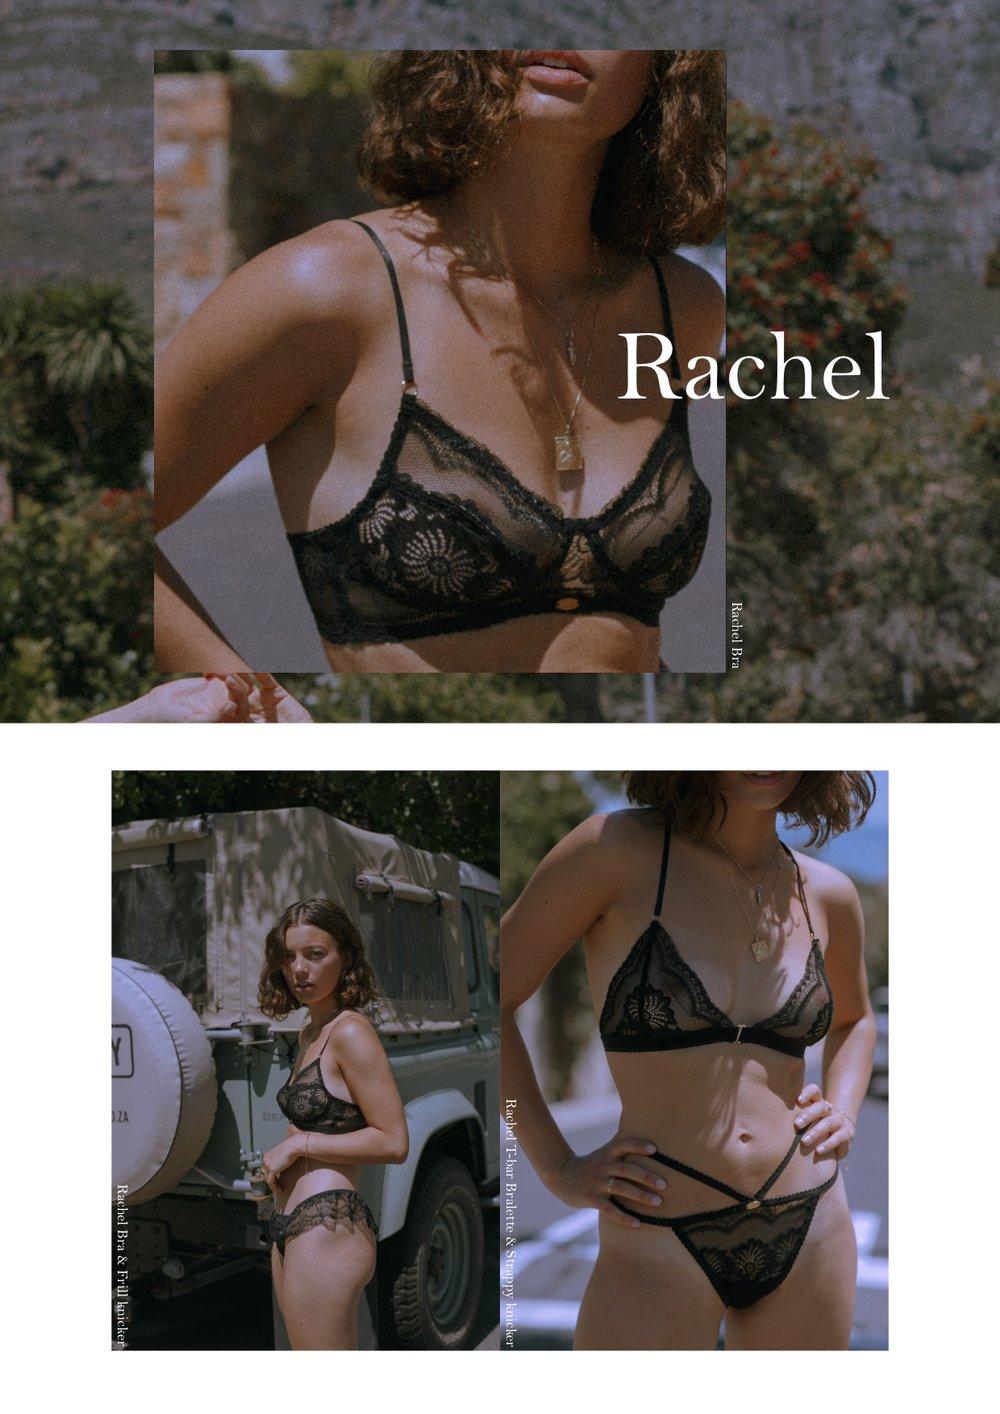 Rachel 1 .jpg